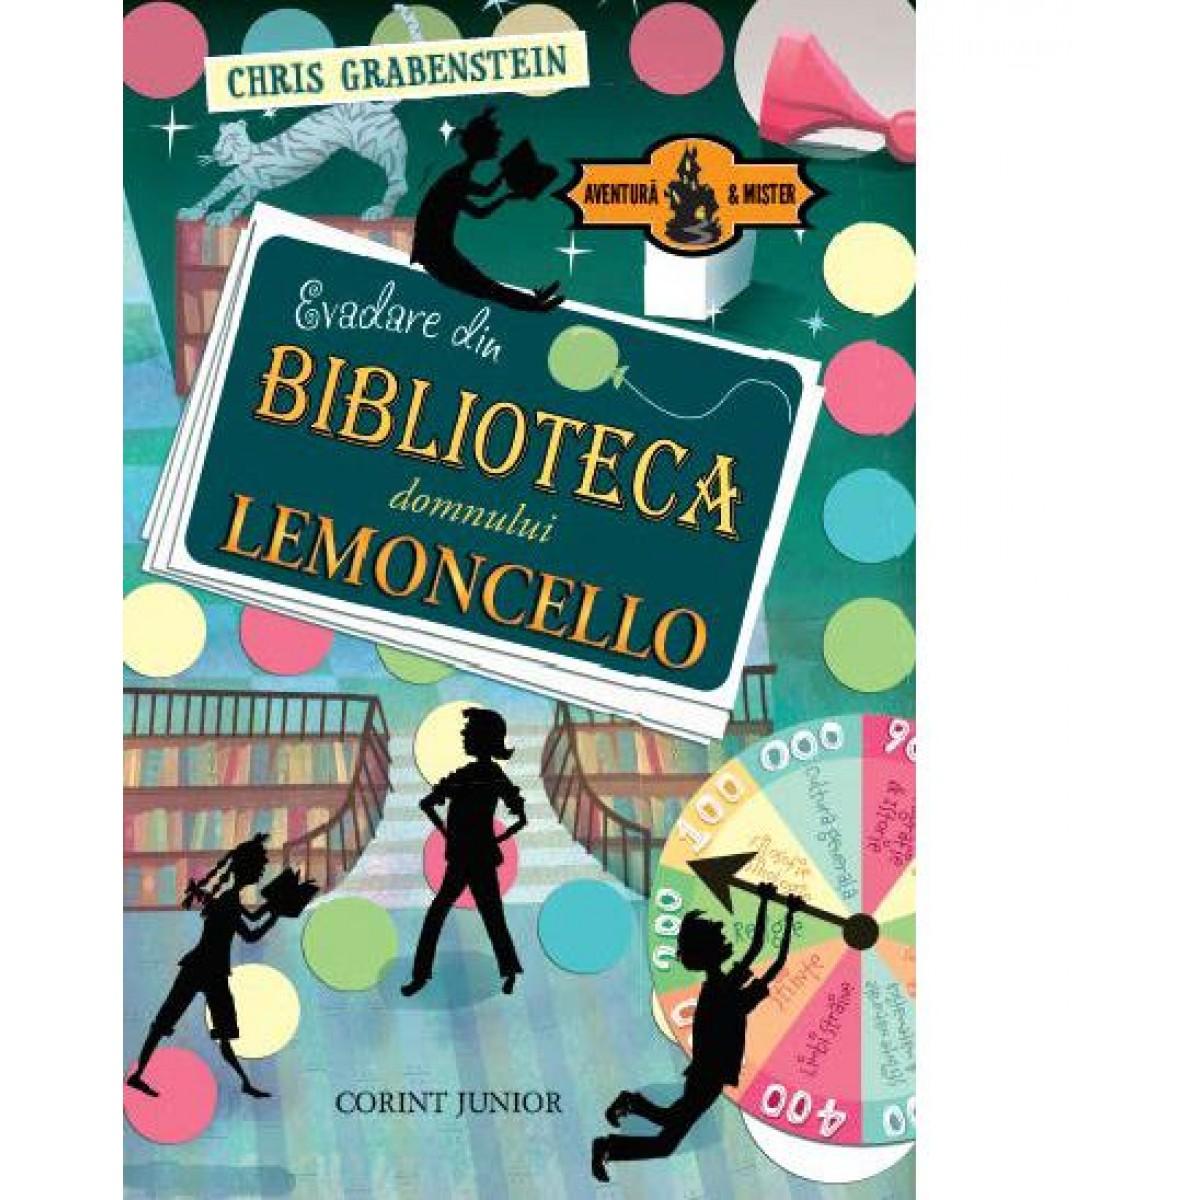 Imagini pentru biblioteca domnului lemoncello